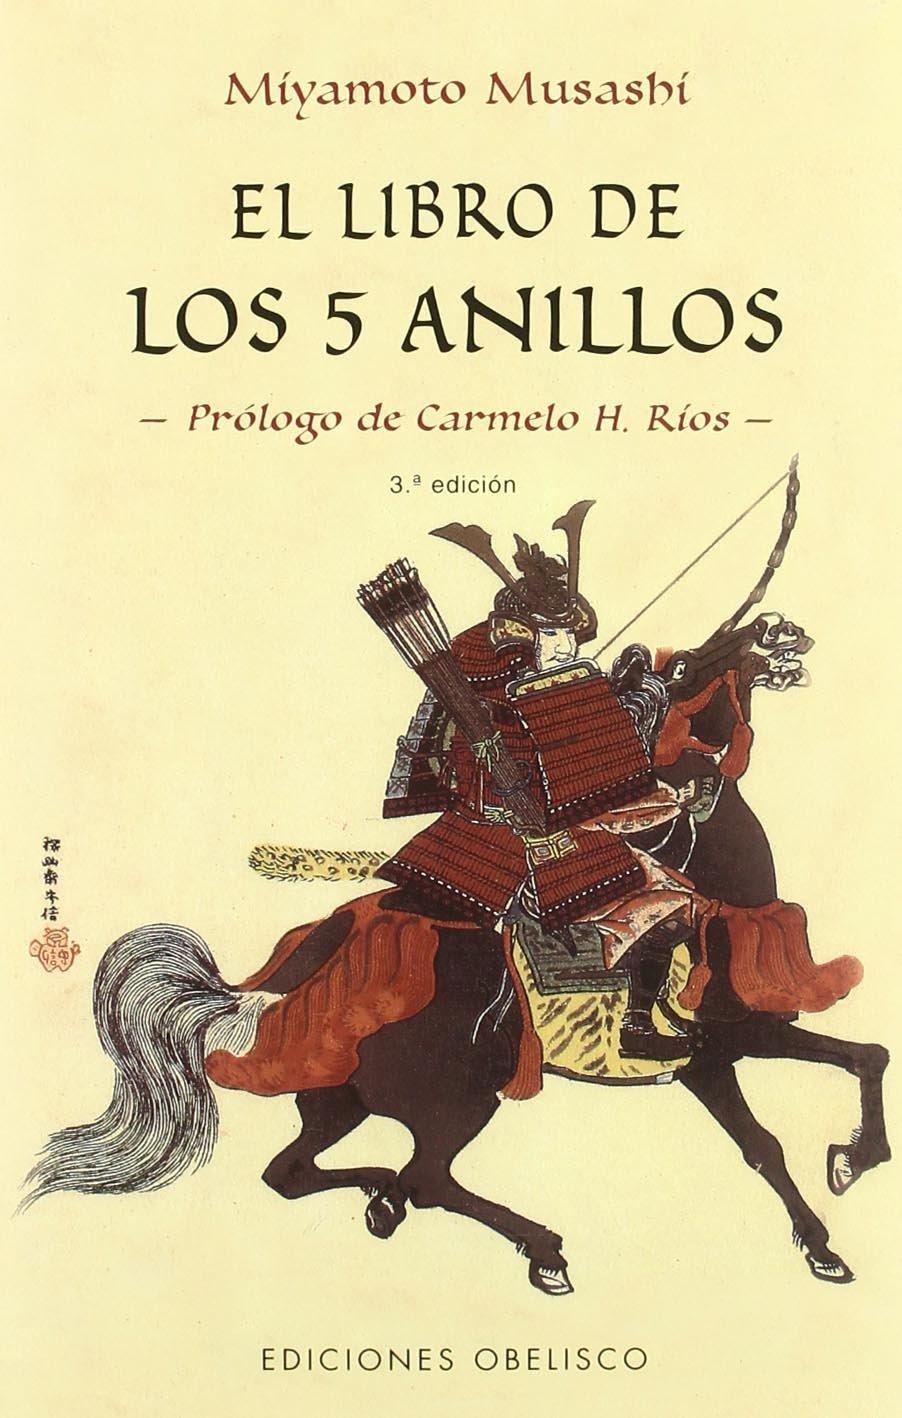 El libro de los 5 anillos (ARTES MARCIALES)